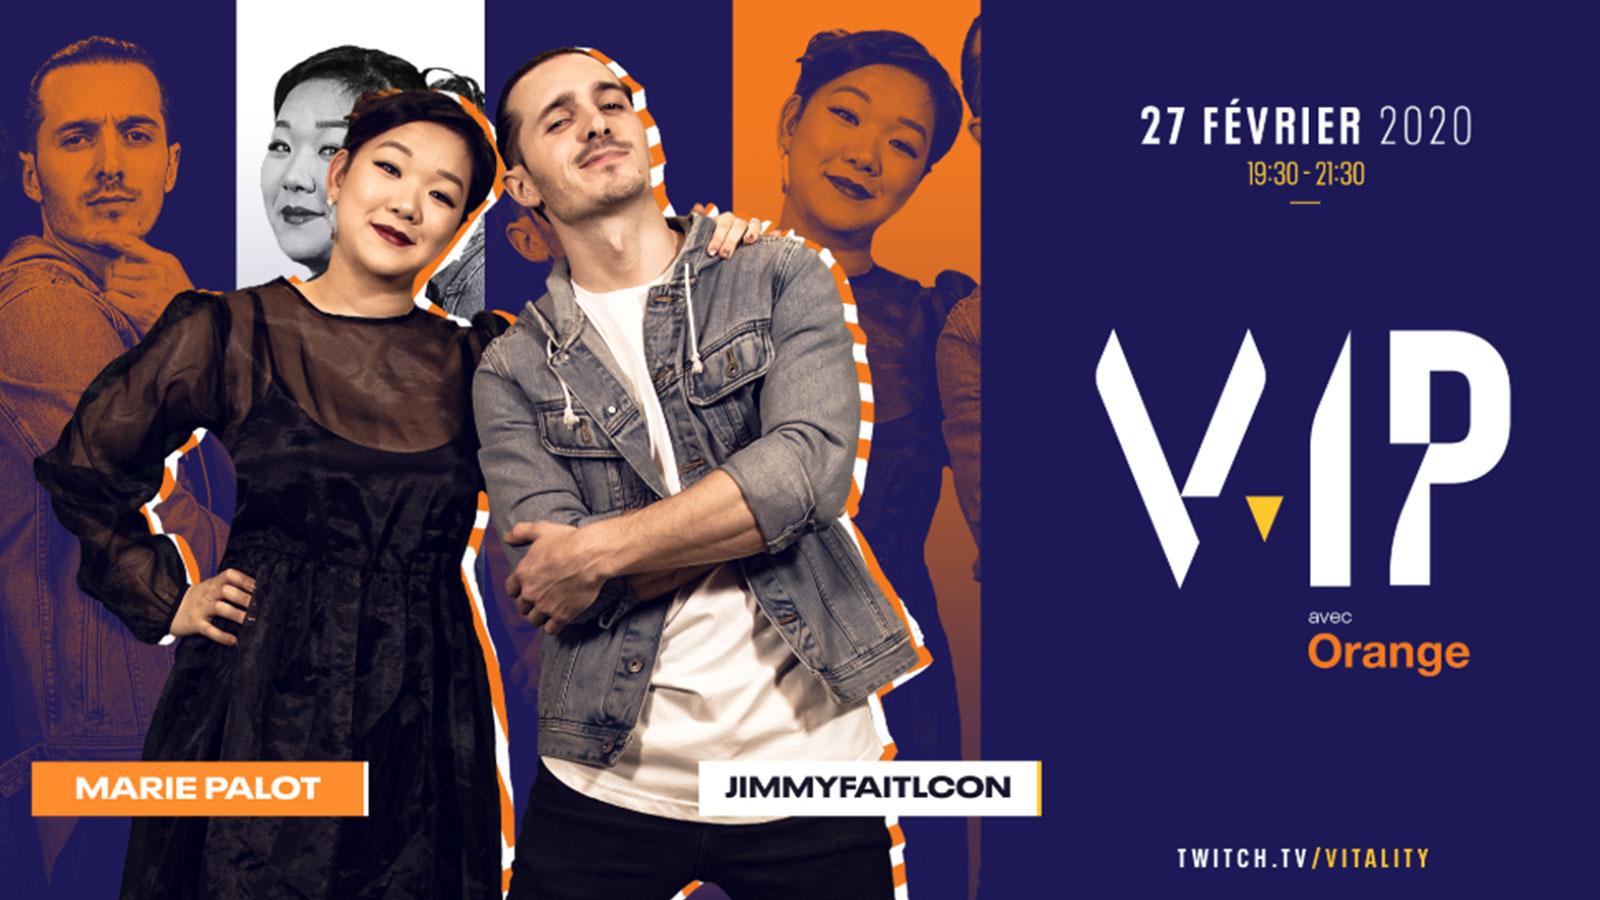 La Team Vitality donne rendez-vous à ses fans pour V.IP avec Marie Palot et Jimmyfaitlcon